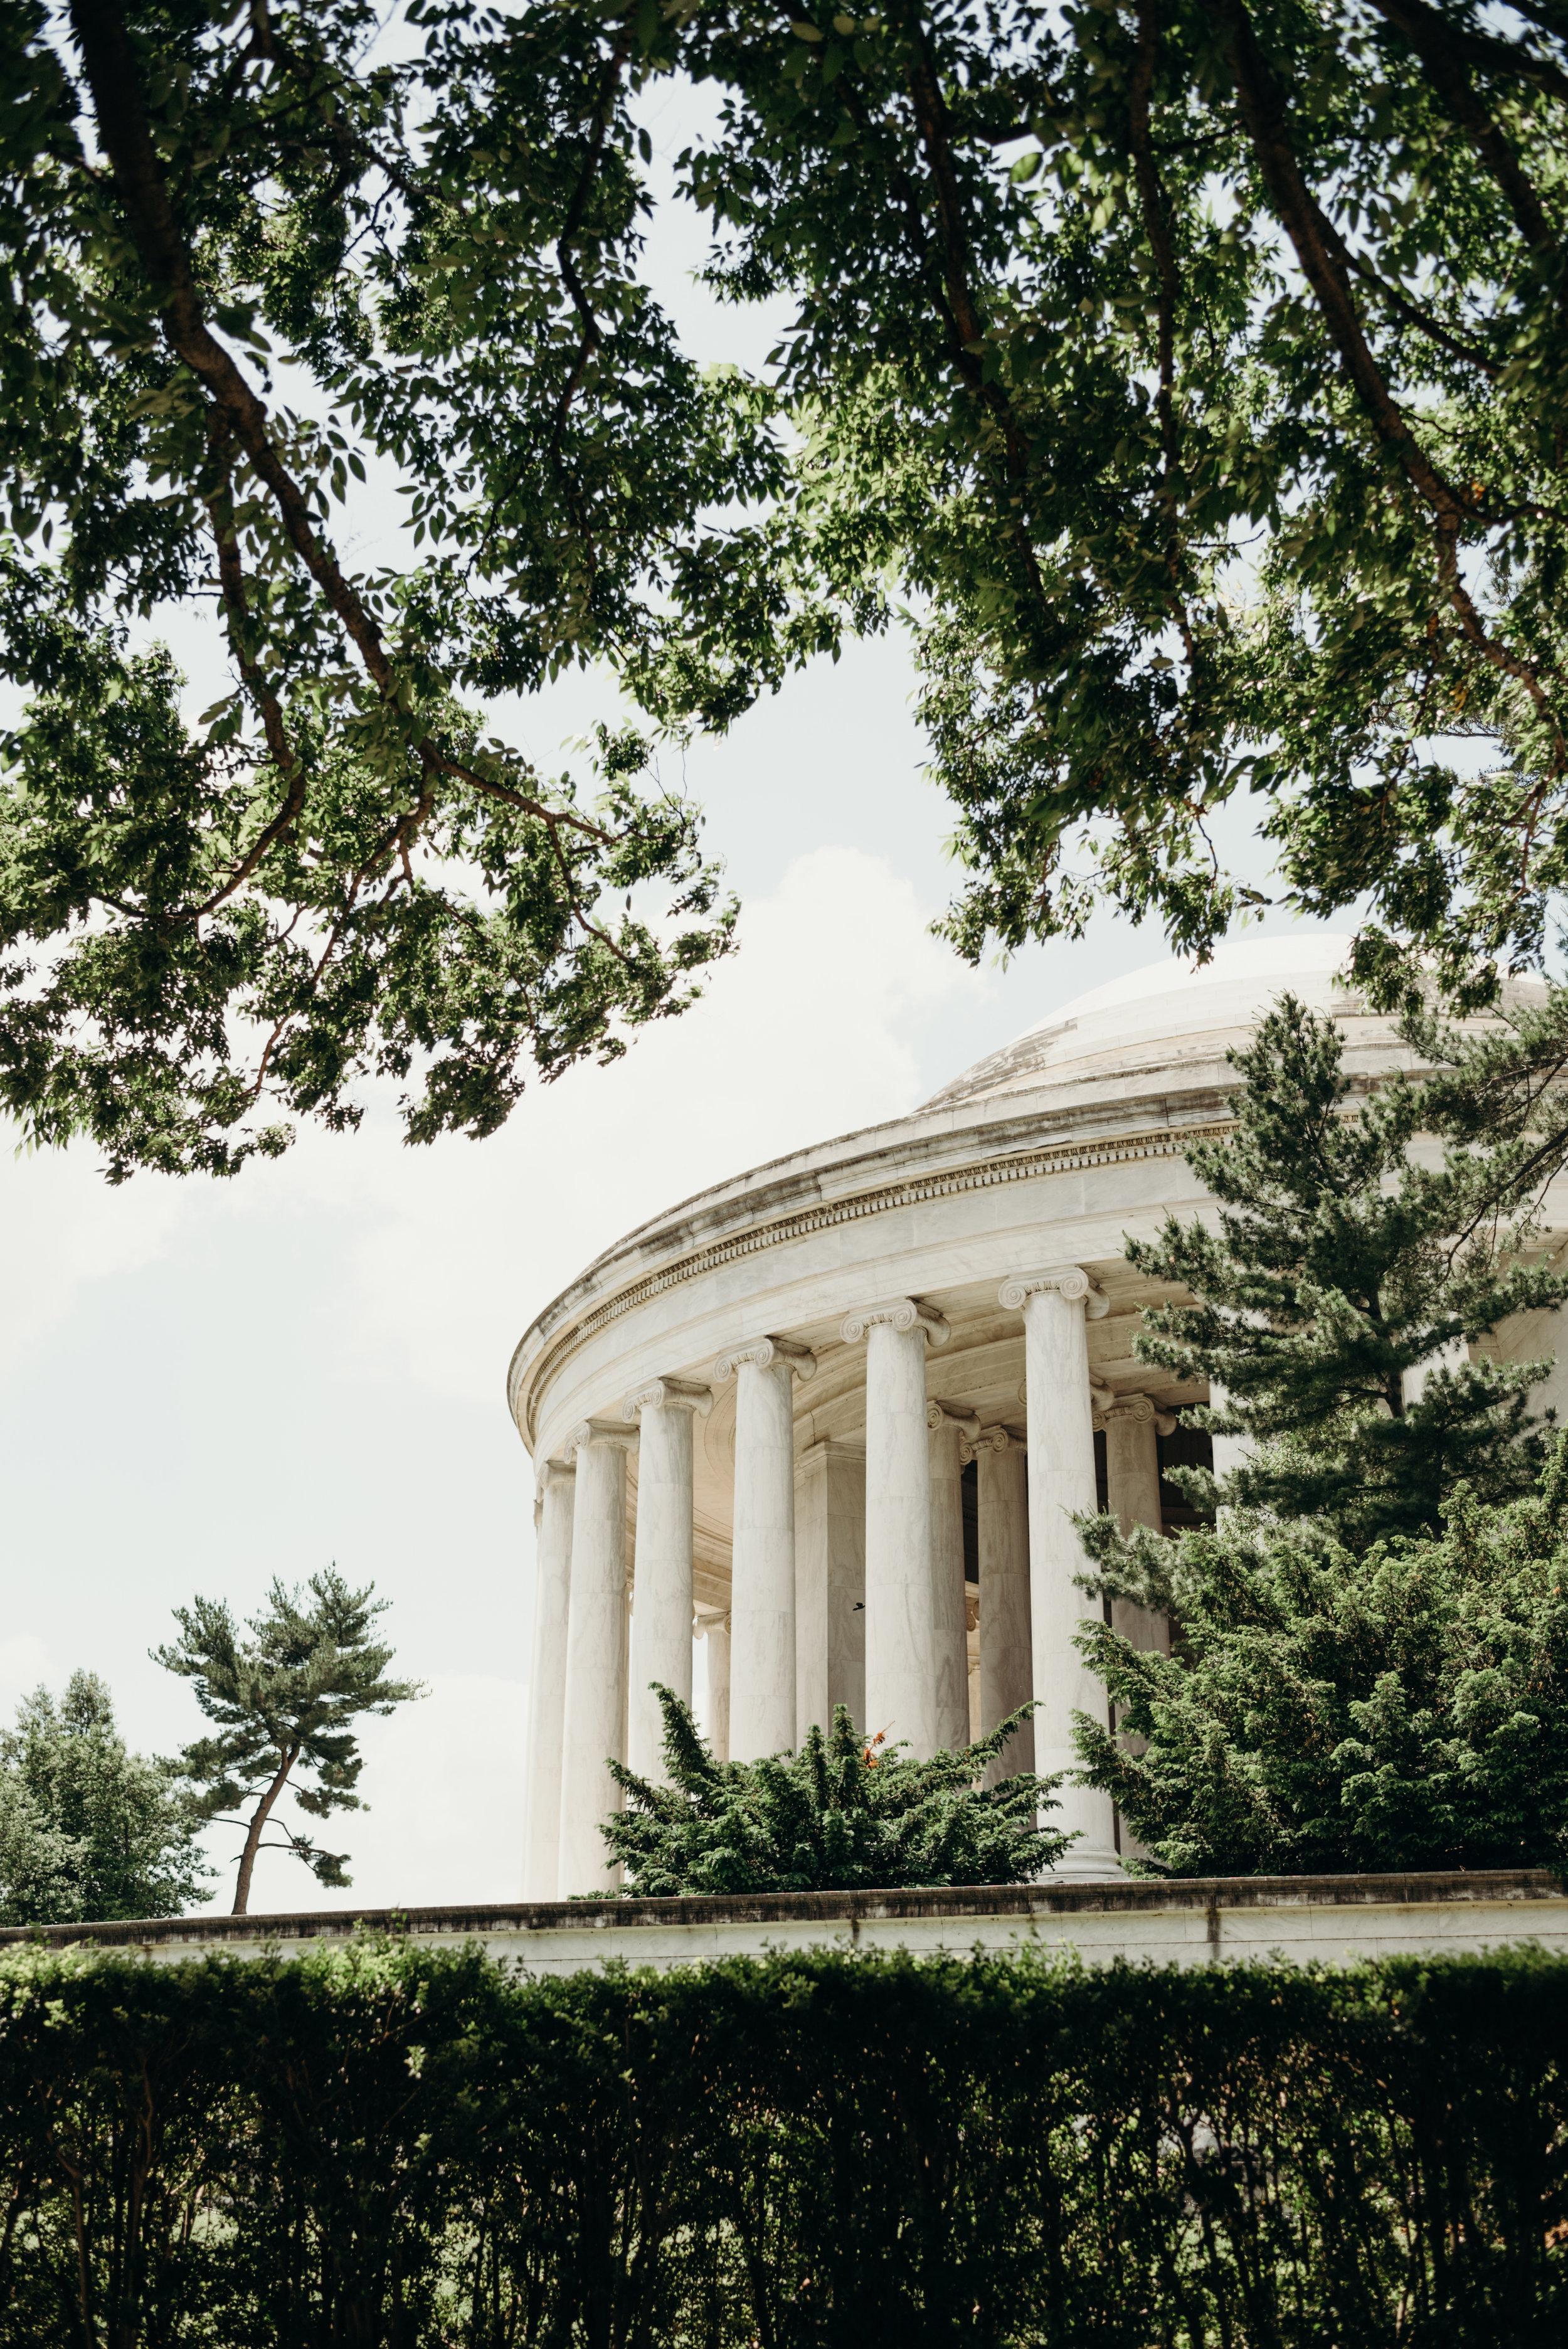 Thomas Jefferson Memorial among trees